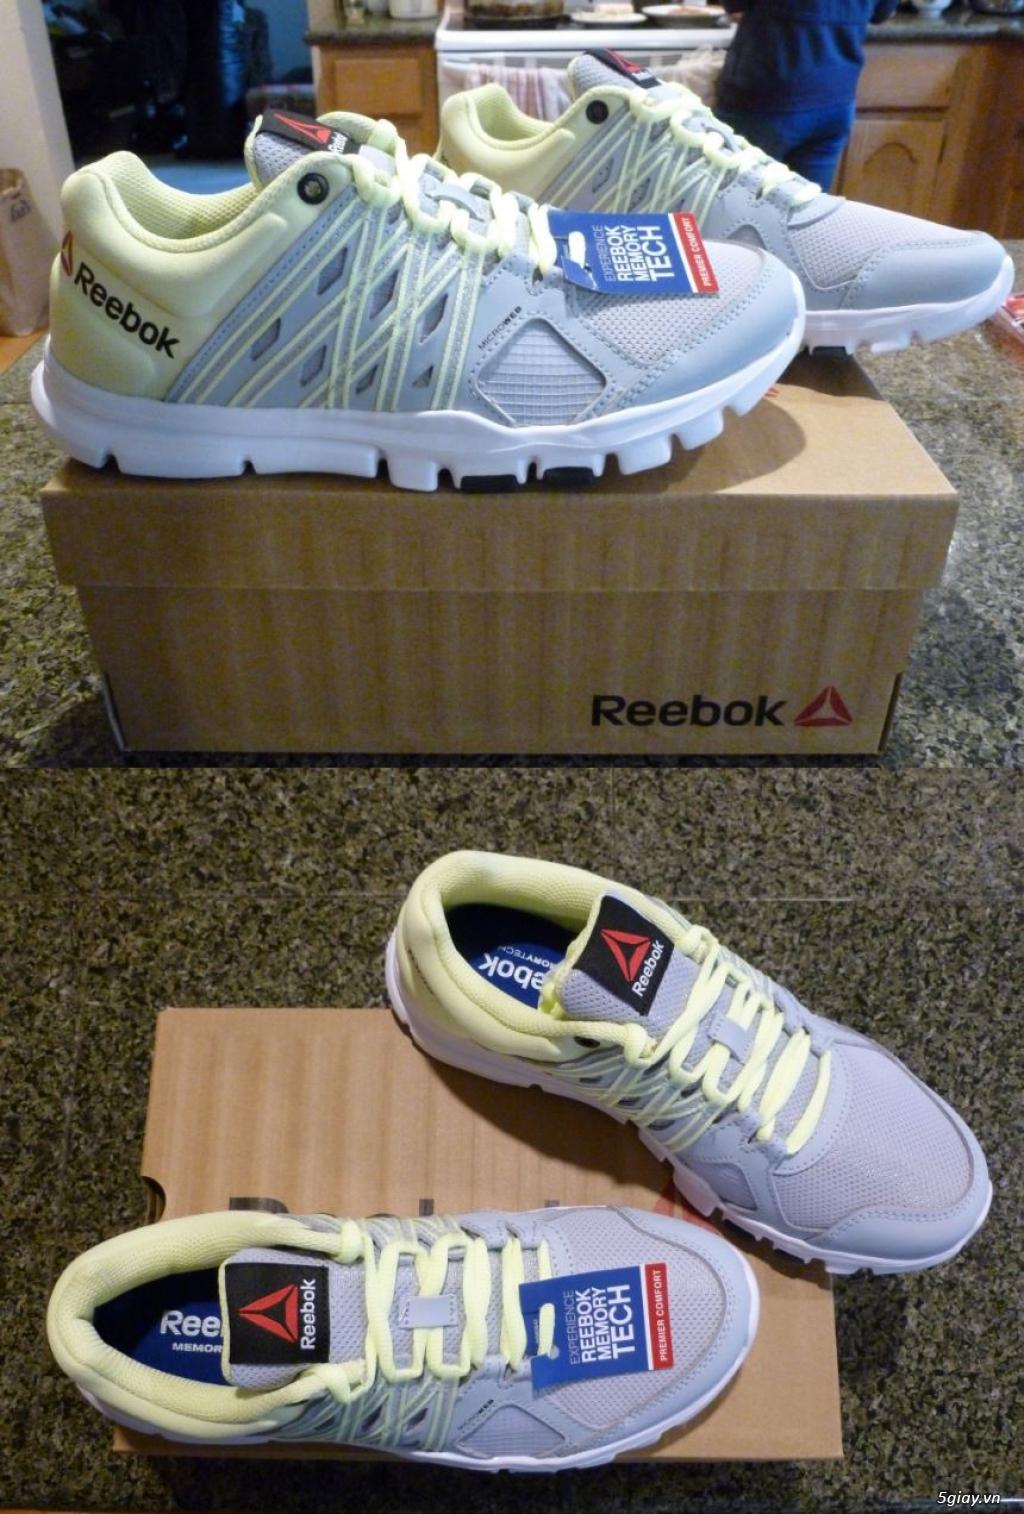 Mình xách/gửi giày Nike, Skechers, Reebok, Polo, Converse, v.v. từ Mỹ. - 35